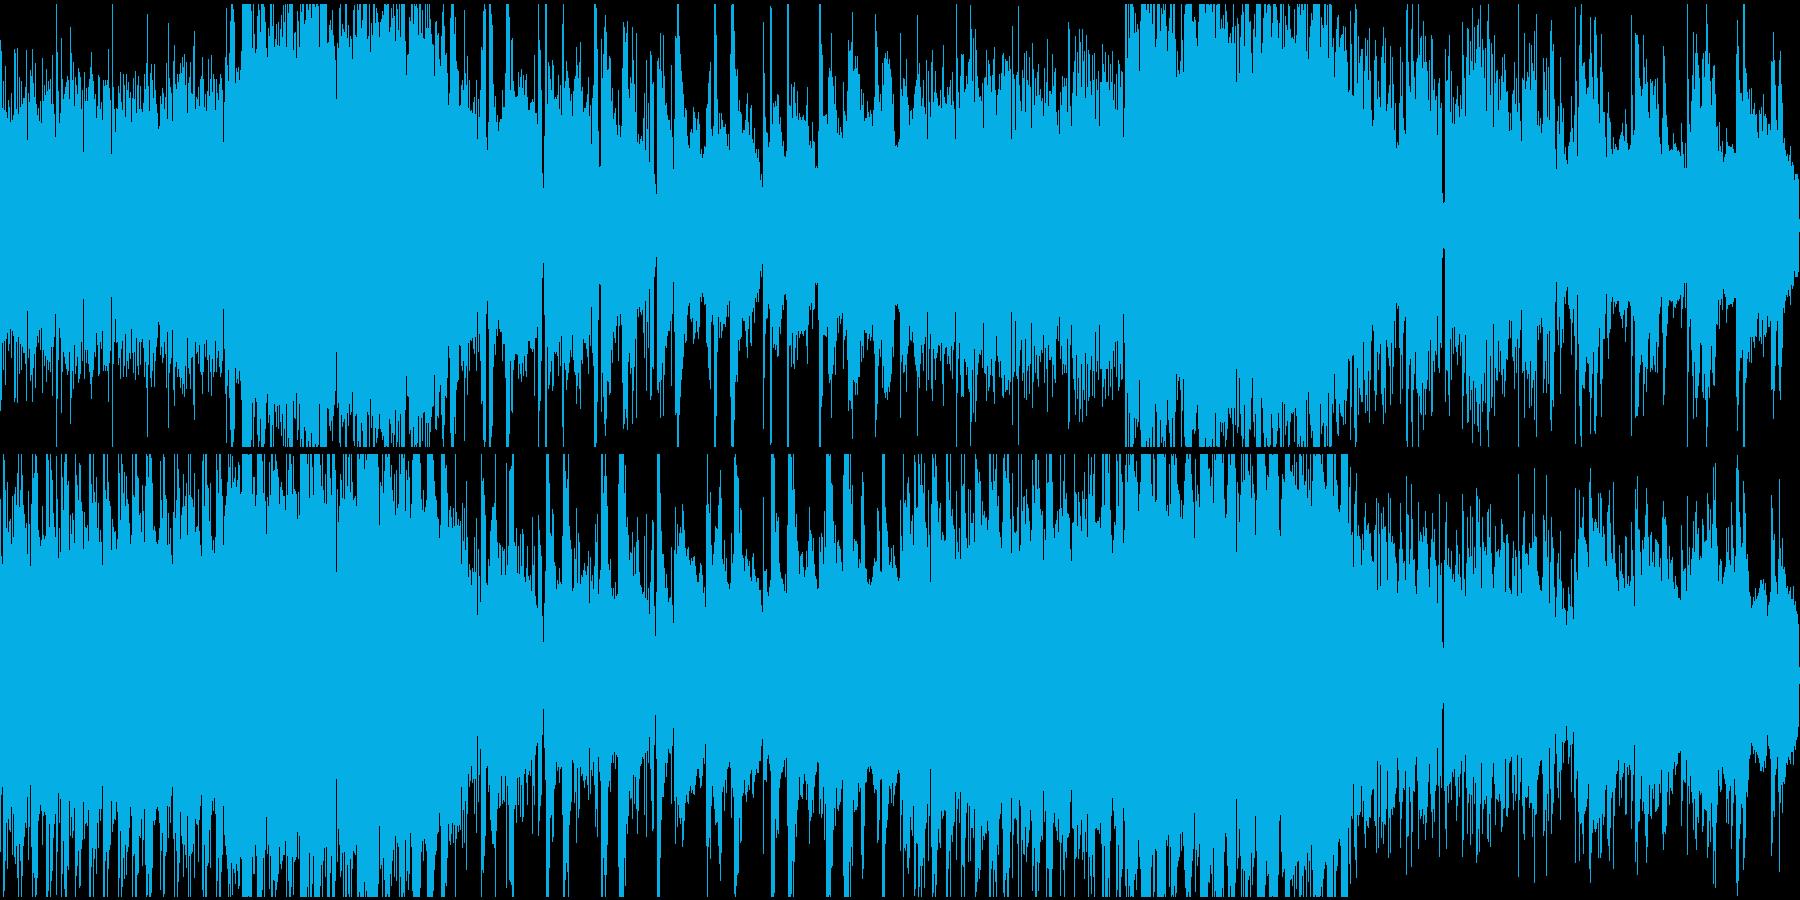 不気味な雰囲気のアンビエントループの再生済みの波形